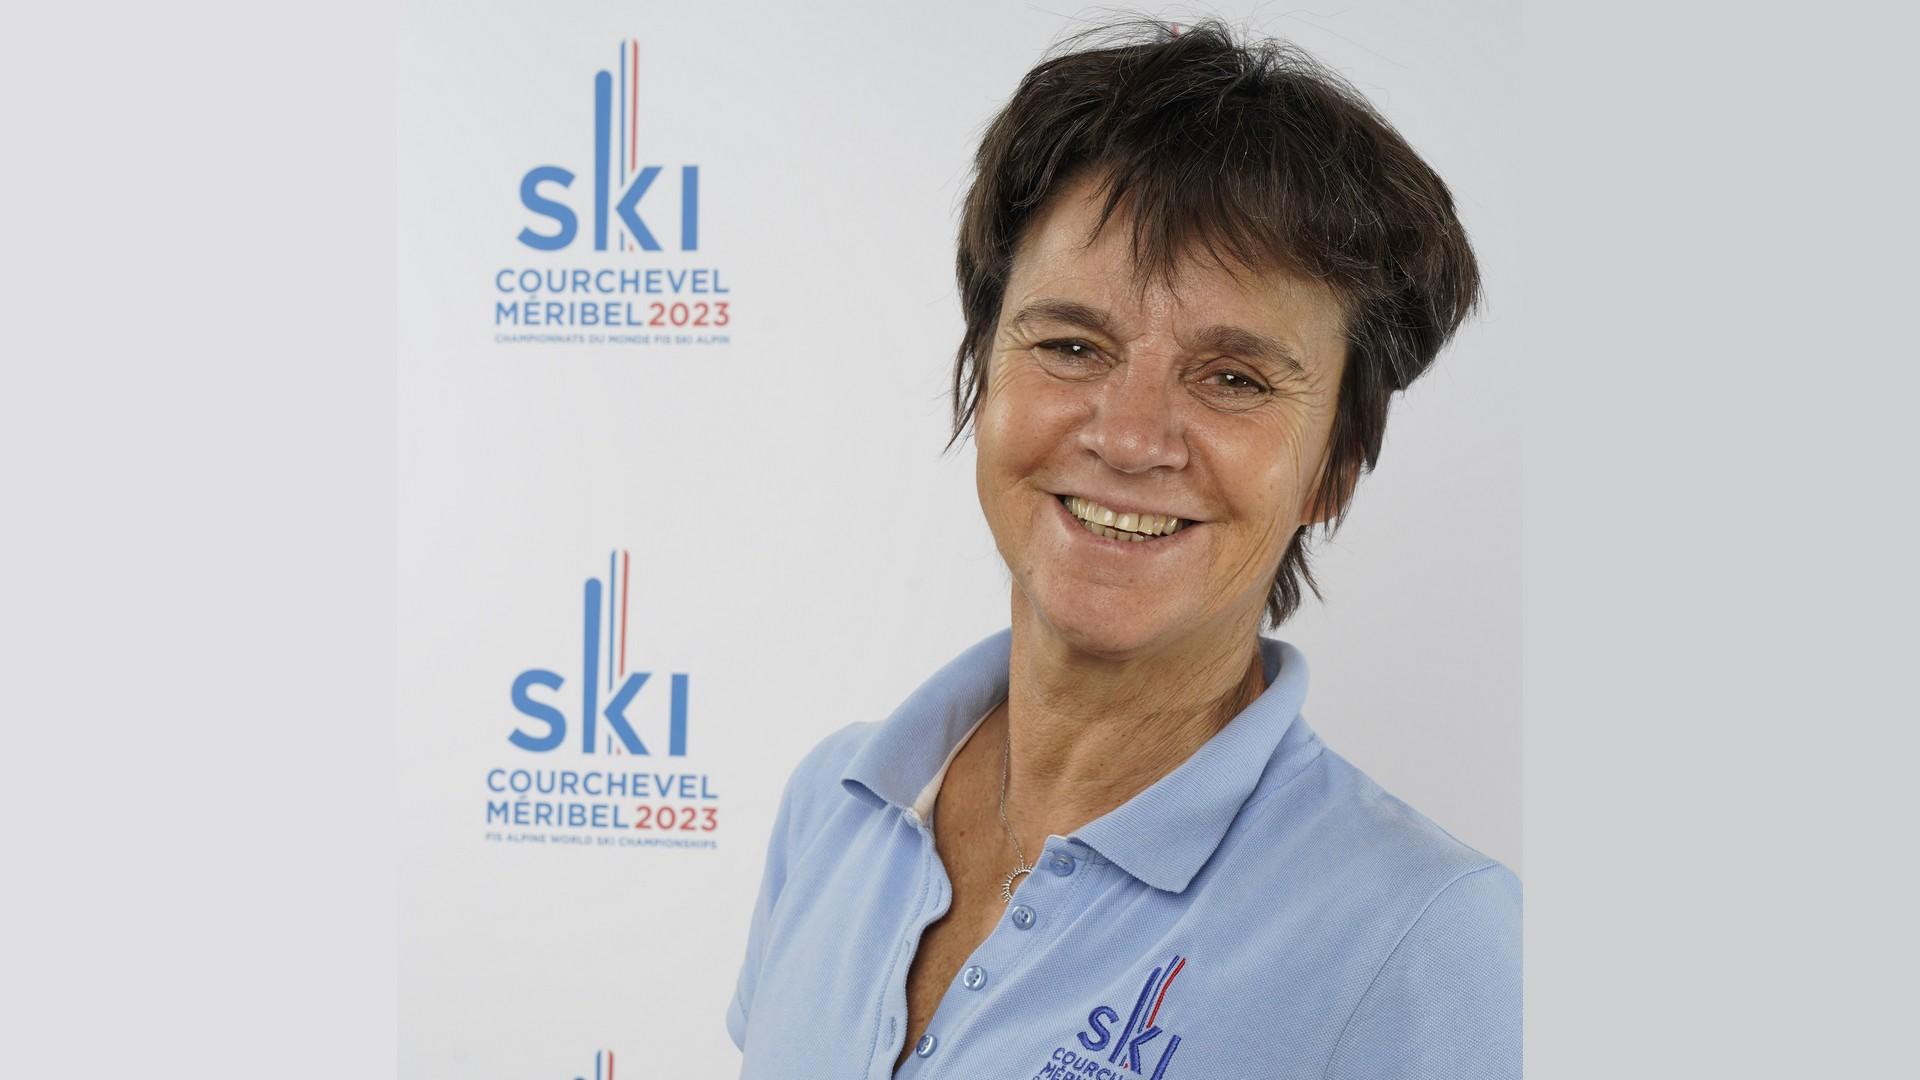 Pelen Perrine (1) Courchevel Méribel 2023